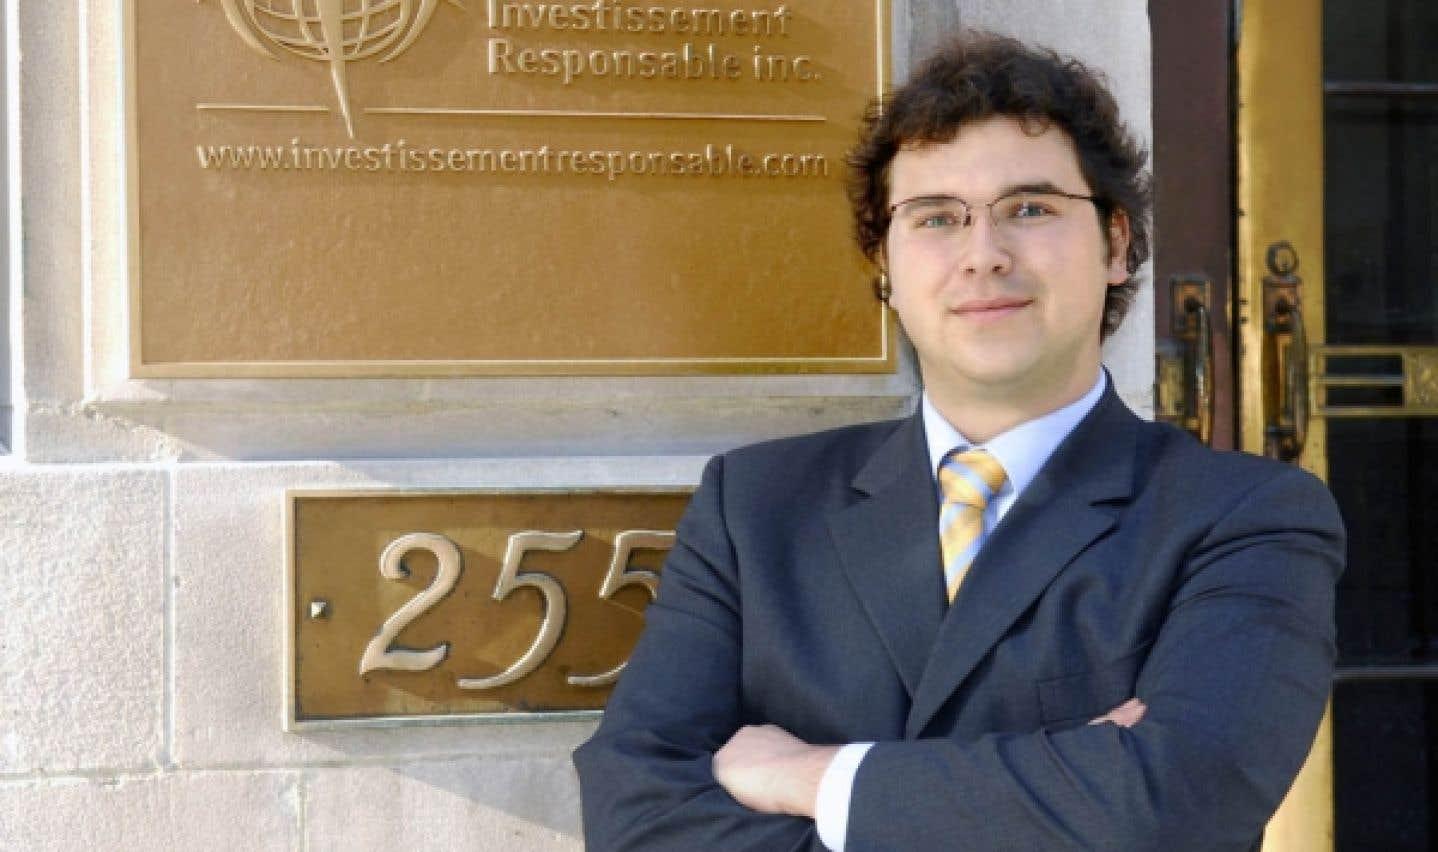 Olivier Gamache, président-directeur général du Groupe investissement responsable (GIR)